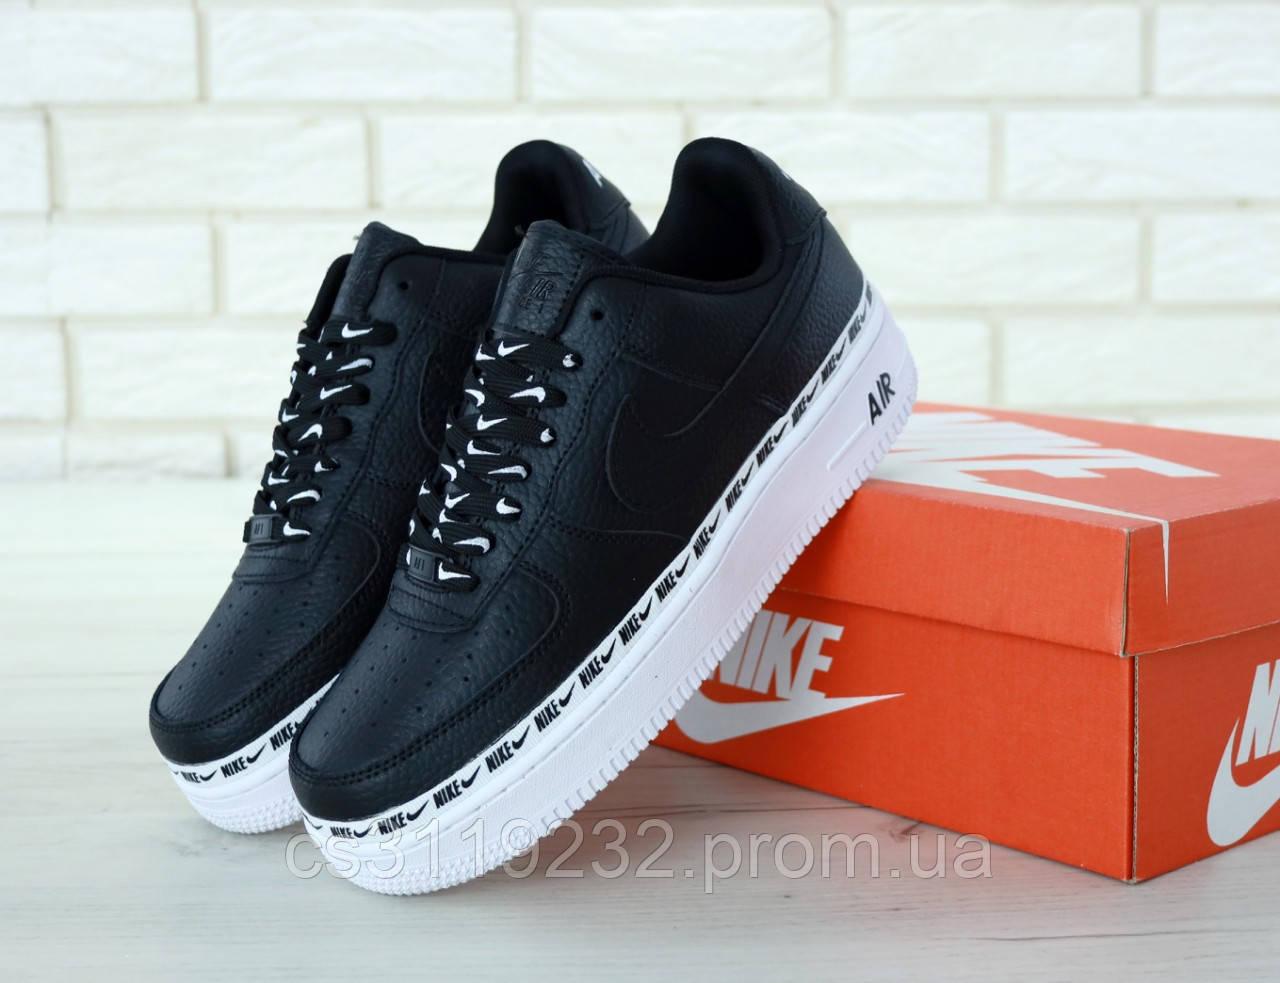 Женские кроссовки Nike 1 '07 SE Premium (черные)